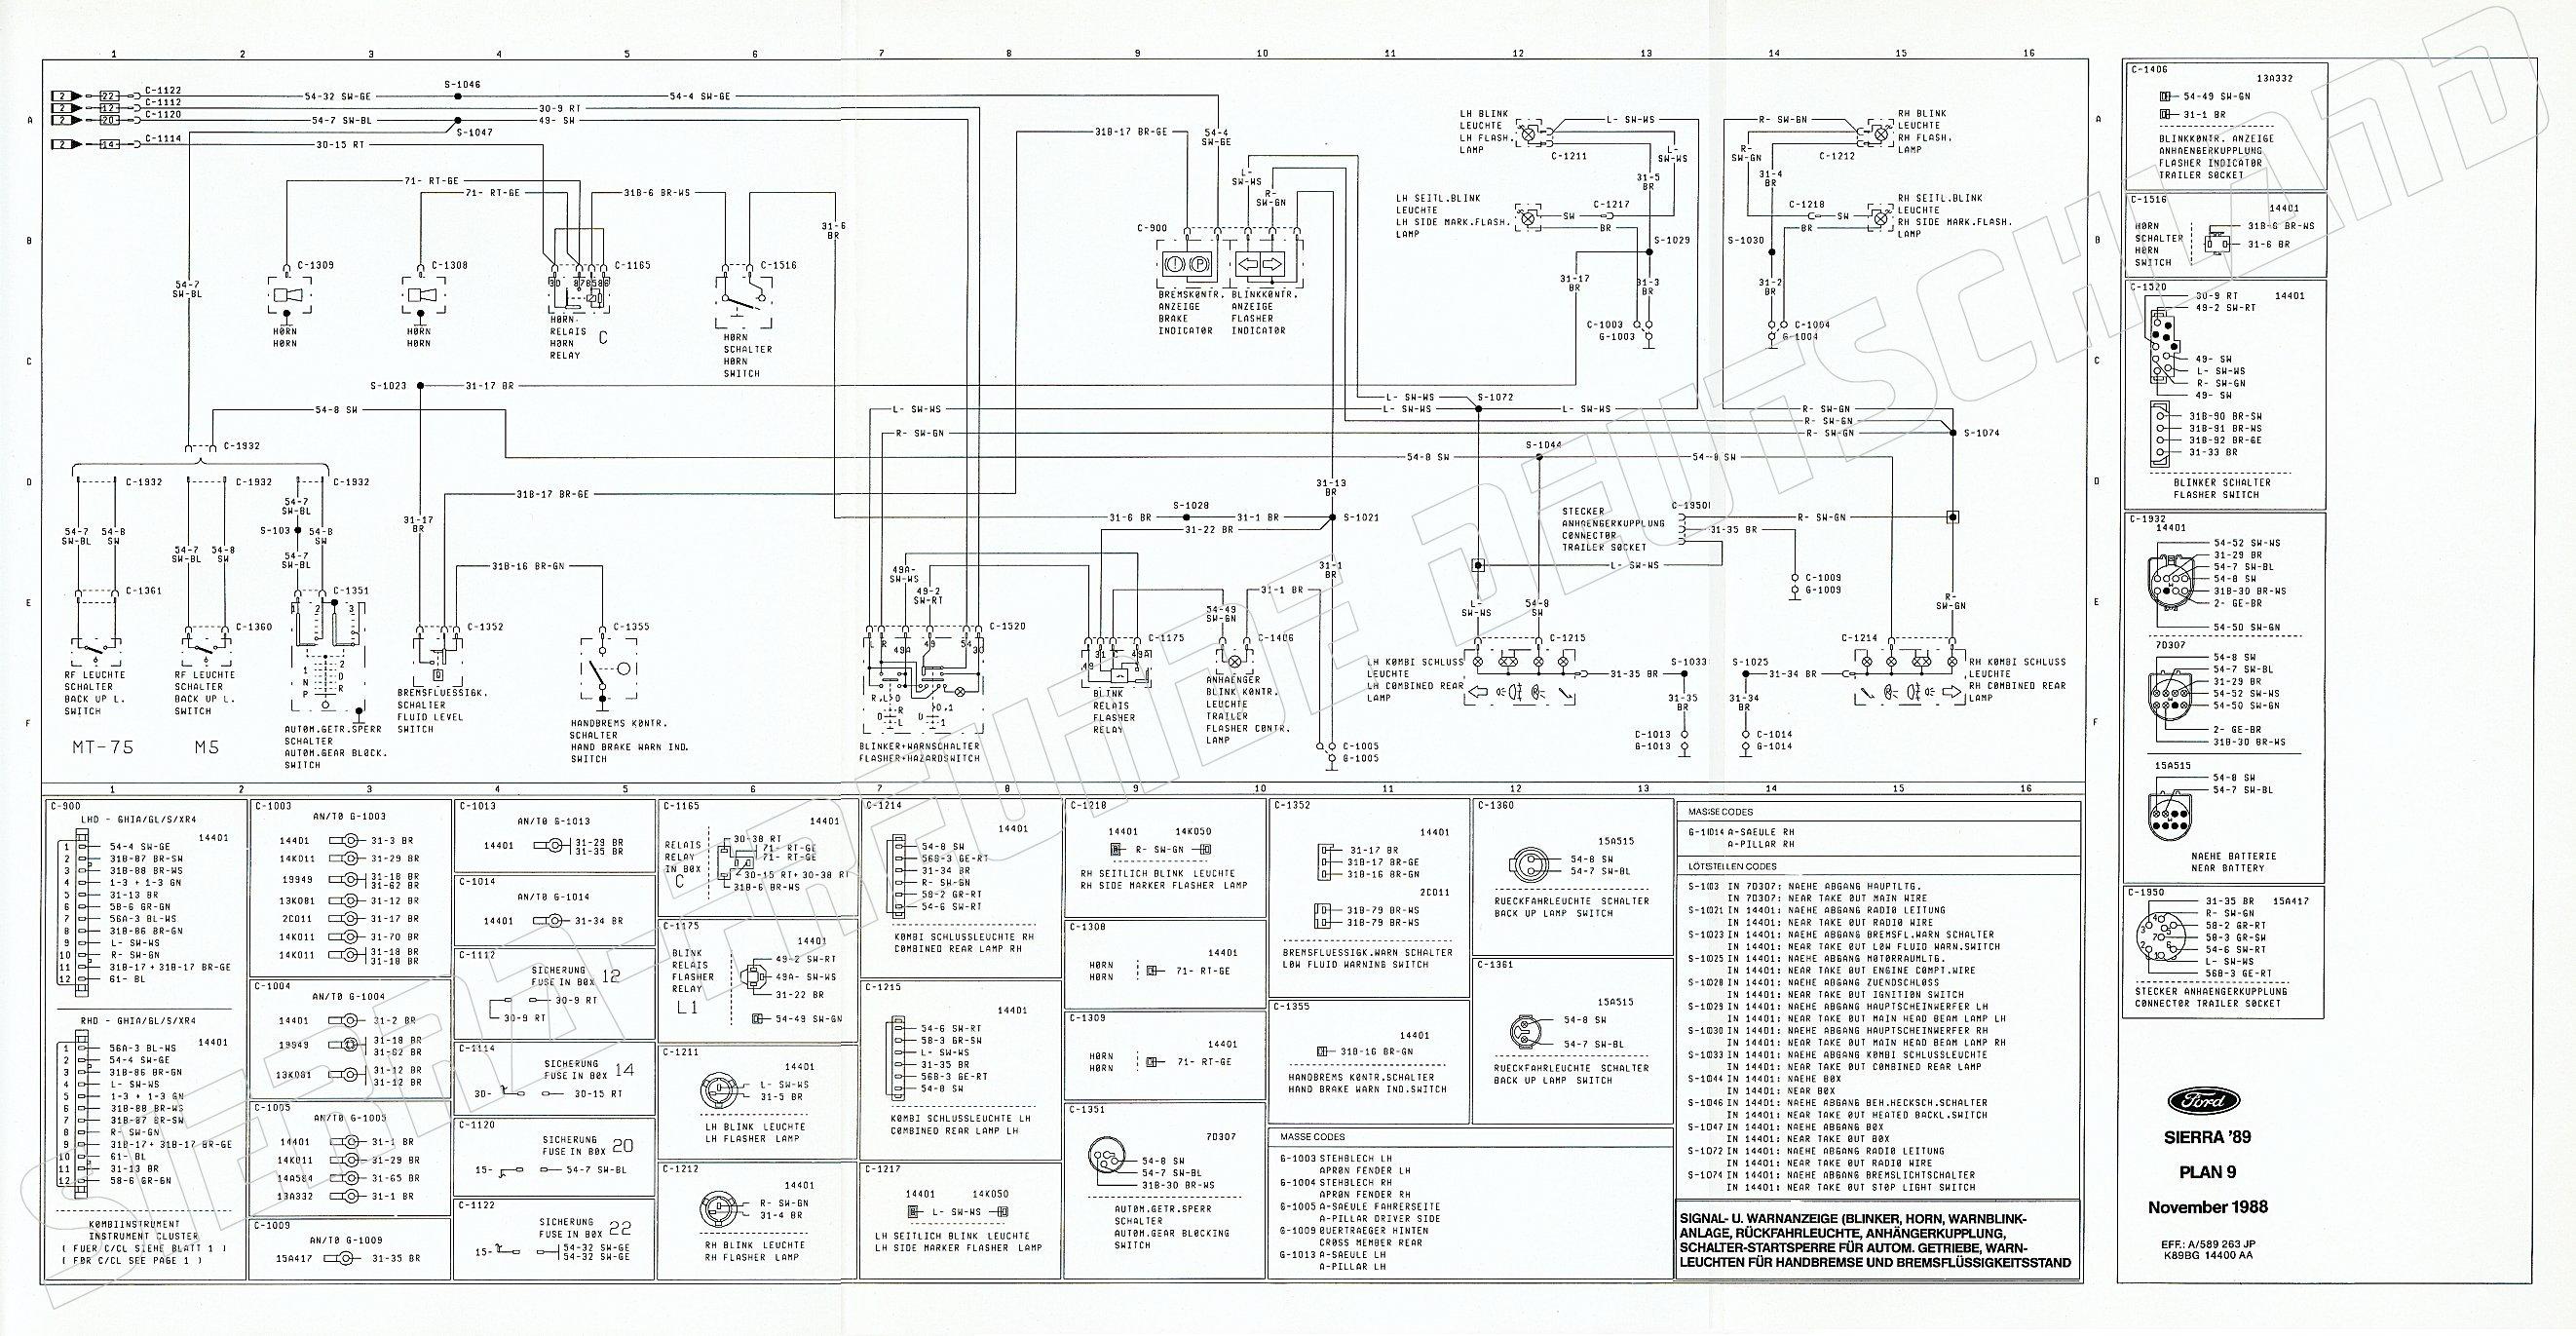 Großartig Ford Schaltpläne Kostenlos Fotos - Der Schaltplan - greigo.com